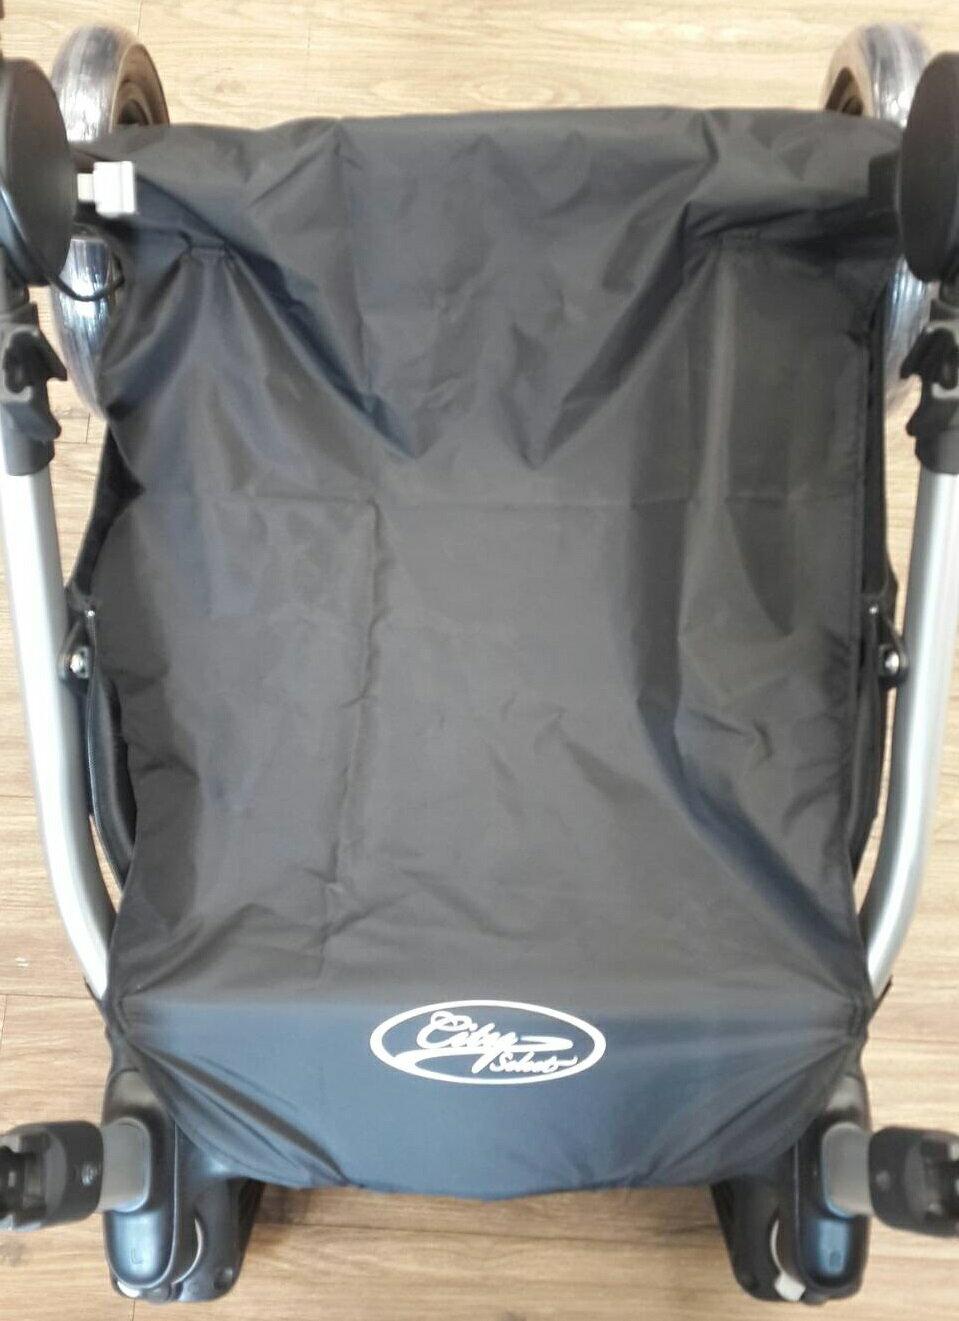 美國 Baby Jogger Select / LUX 推車底部置物防塵蓋配件【紫貝殼】